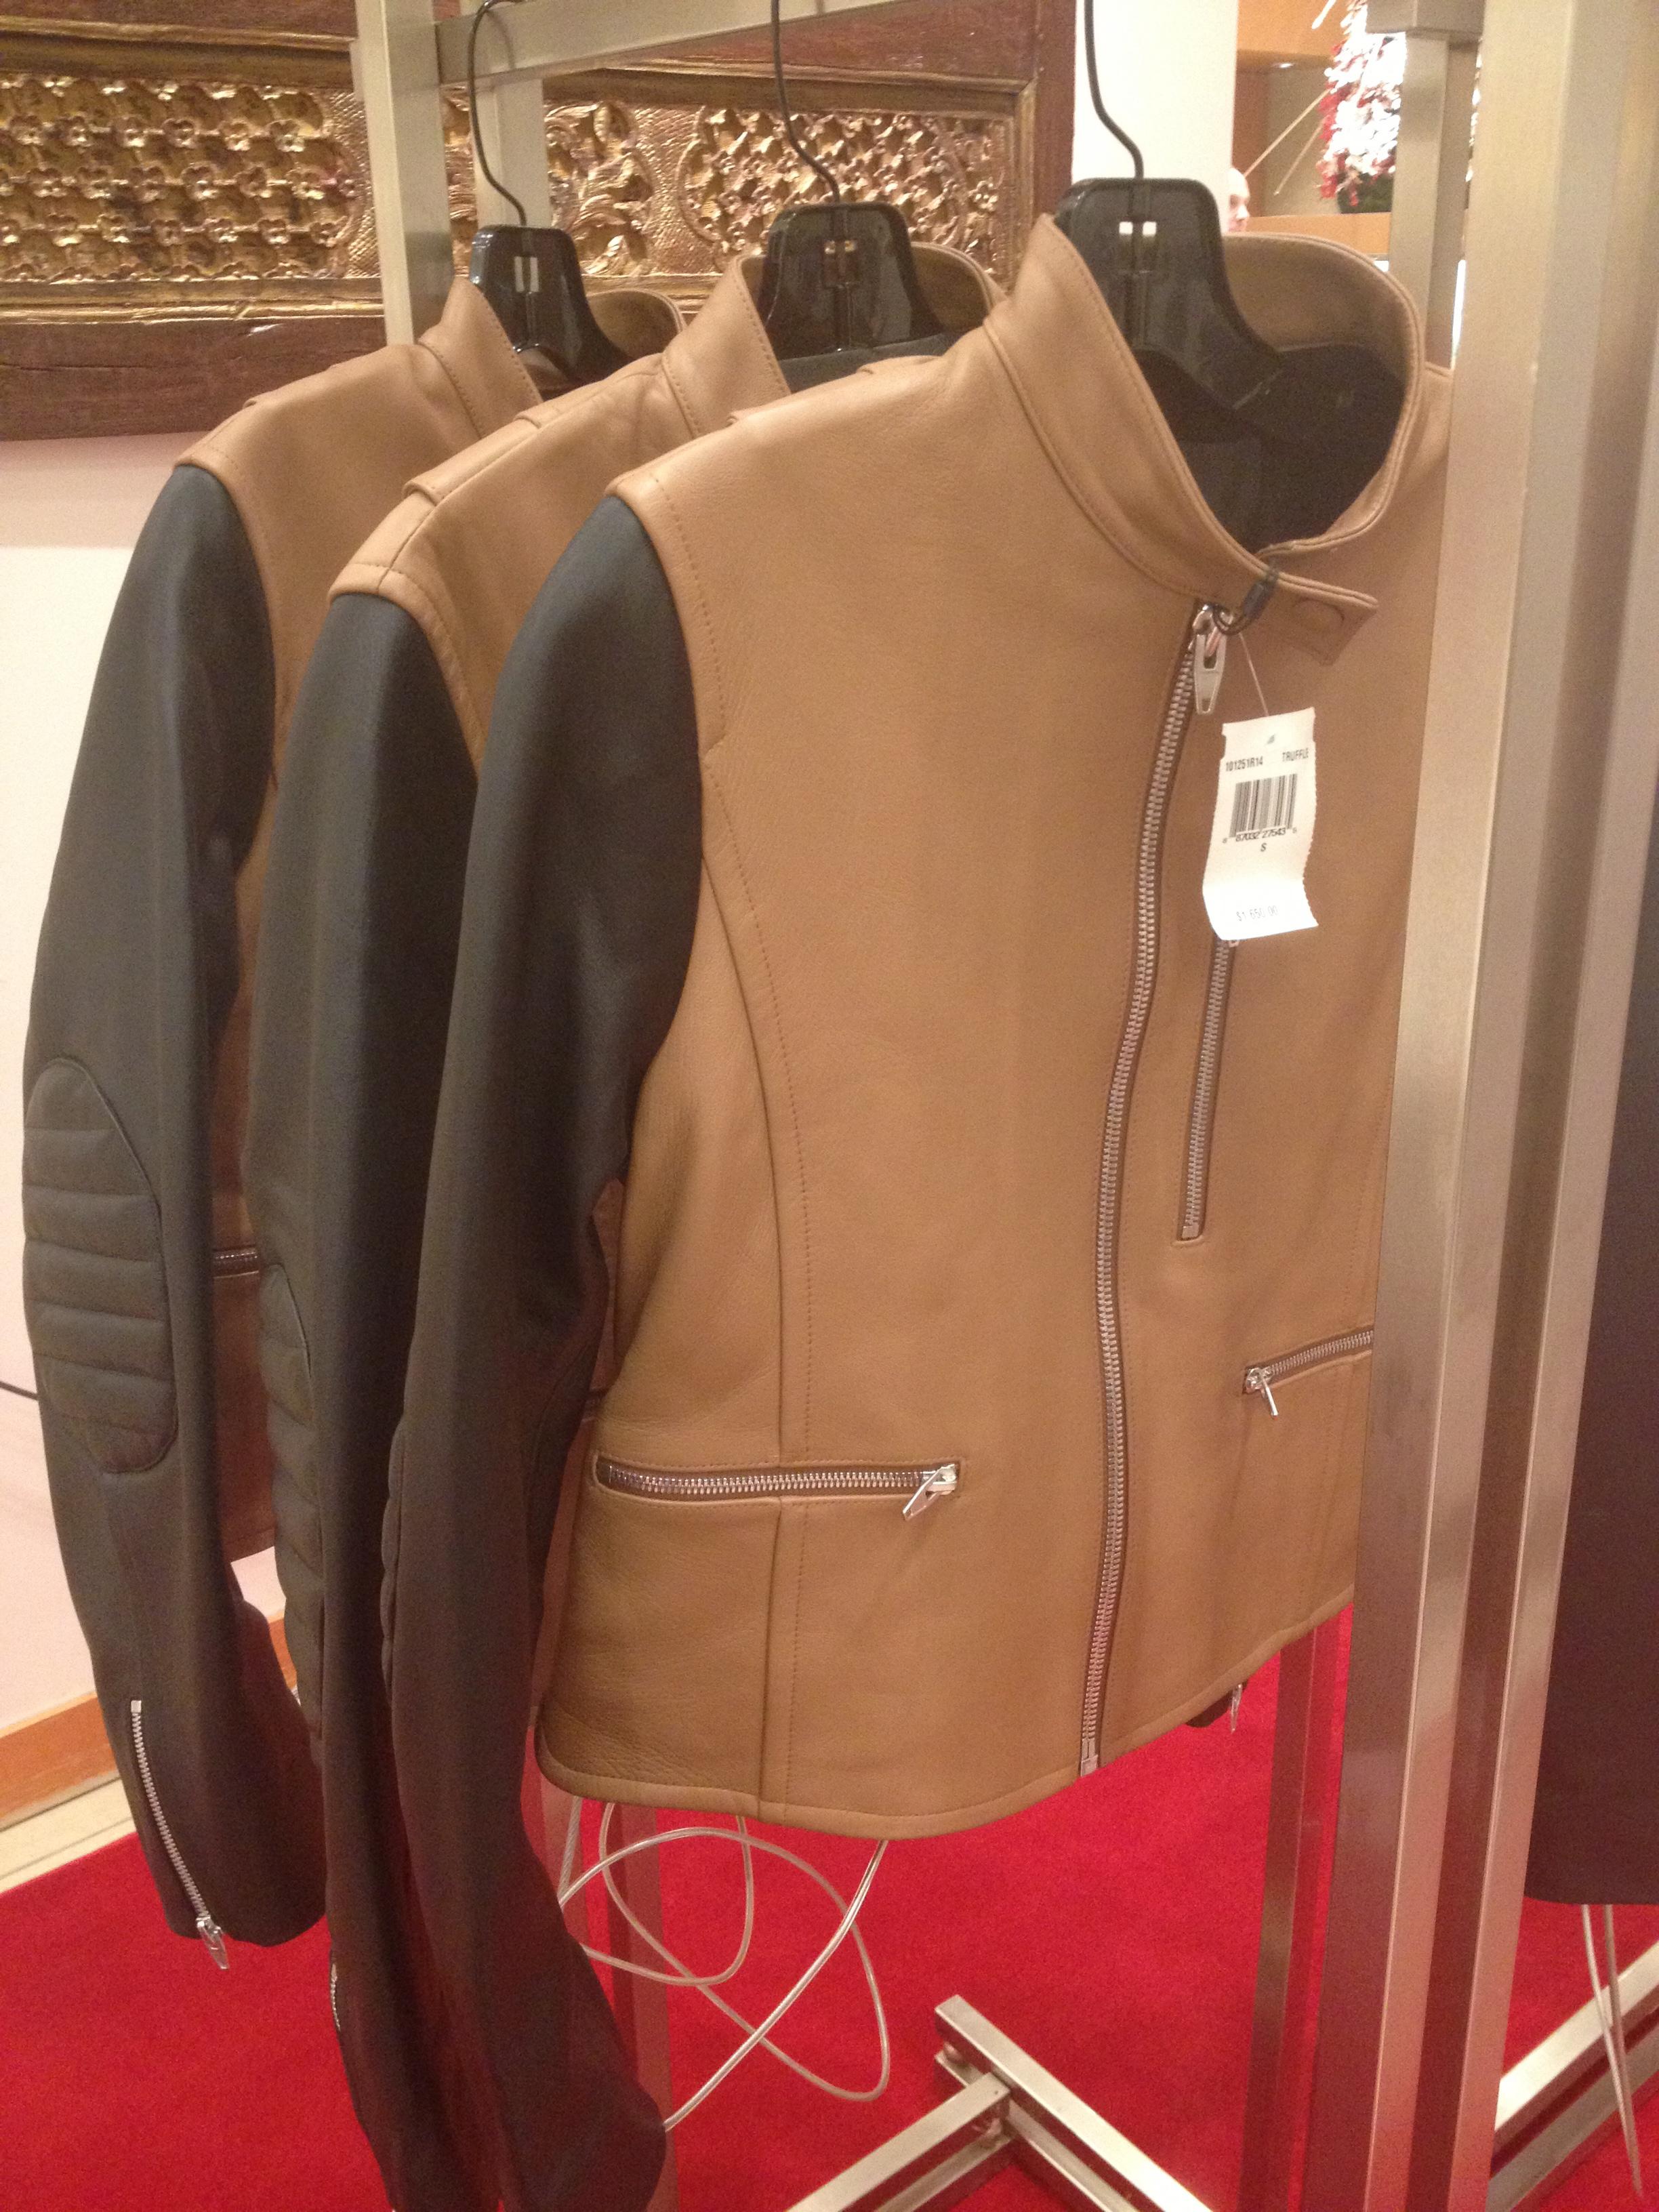 Alexander Wang jacket (Photo: Erica Moody/DC on Heels)